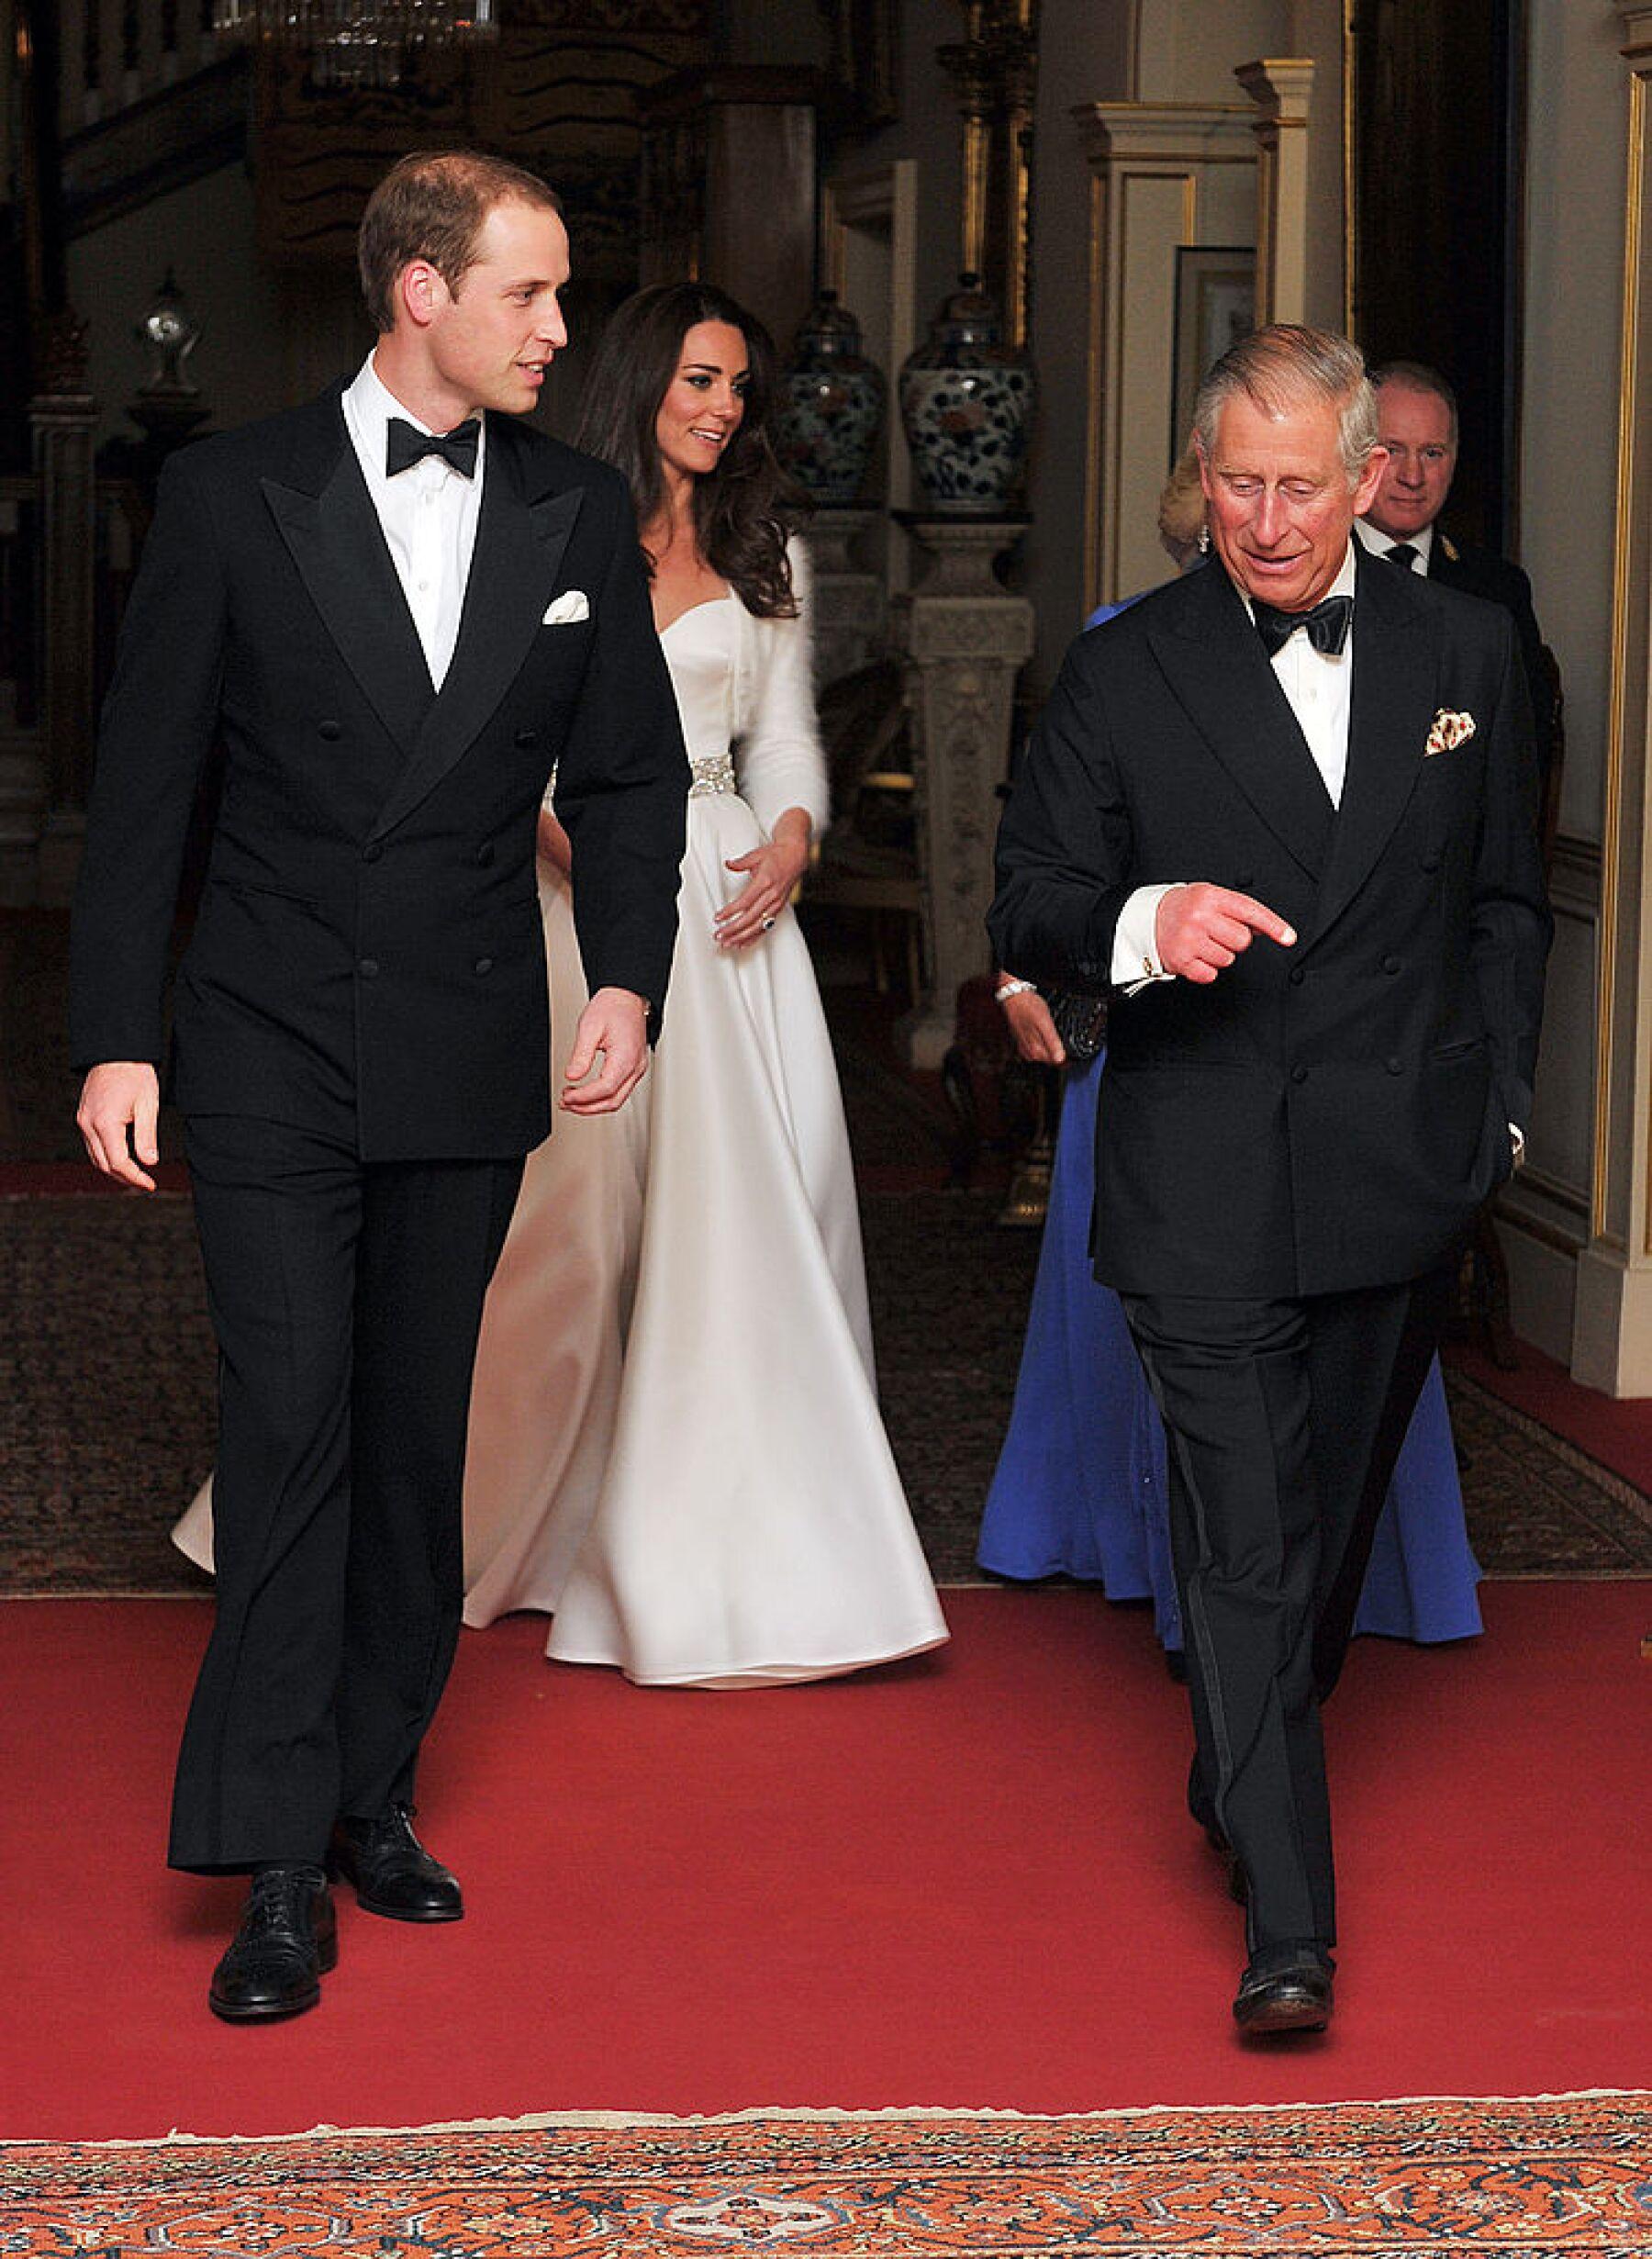 Príncipe William, Kate Middleton y el príncipe Carlos